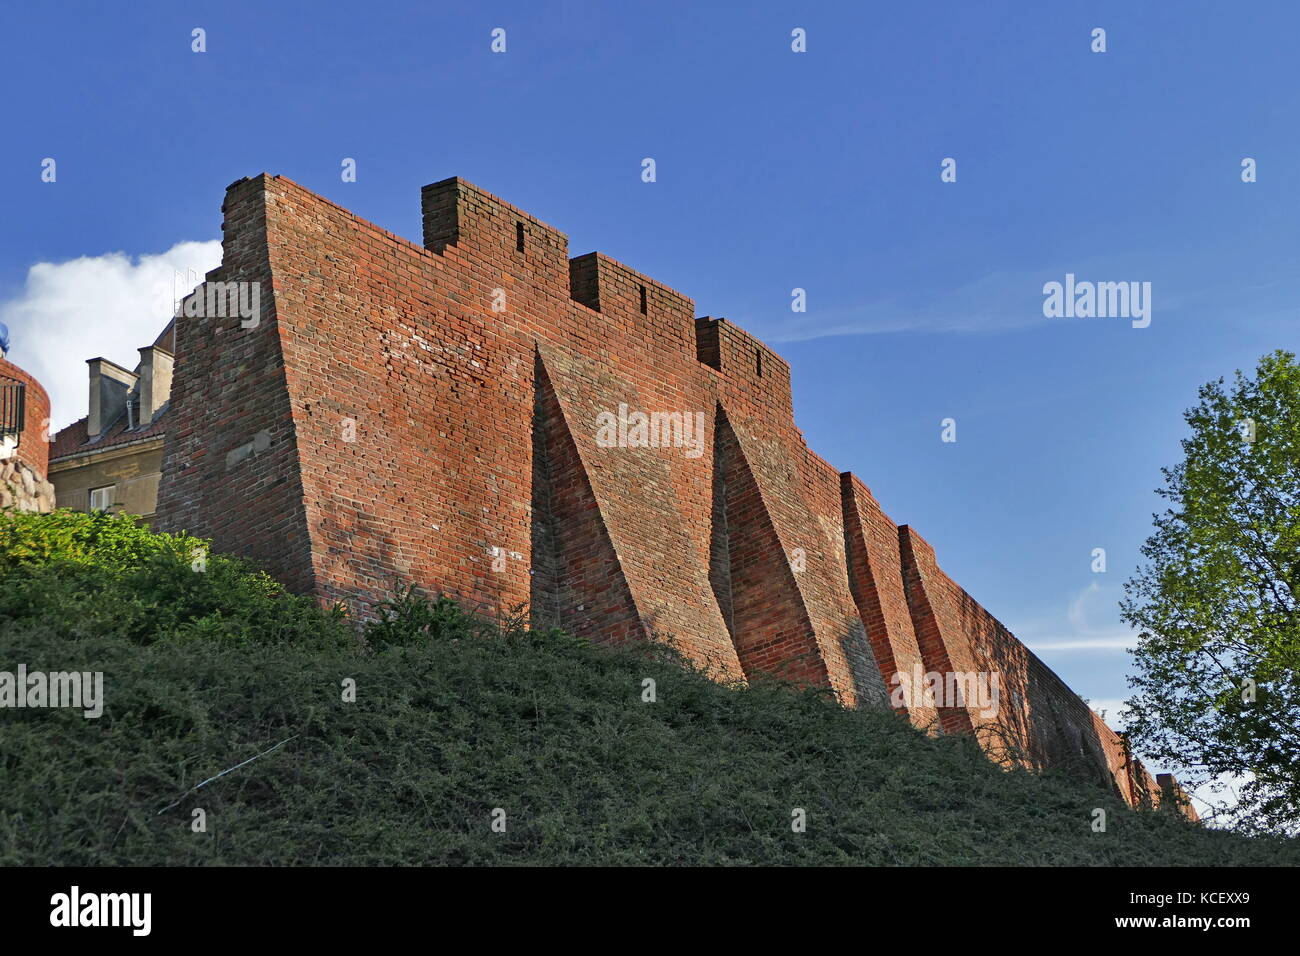 Foto des neu gebauten mittelalterlichen Stadtmauern von Warschau, zerstört durch die von den Nazis nach dem Stockbild